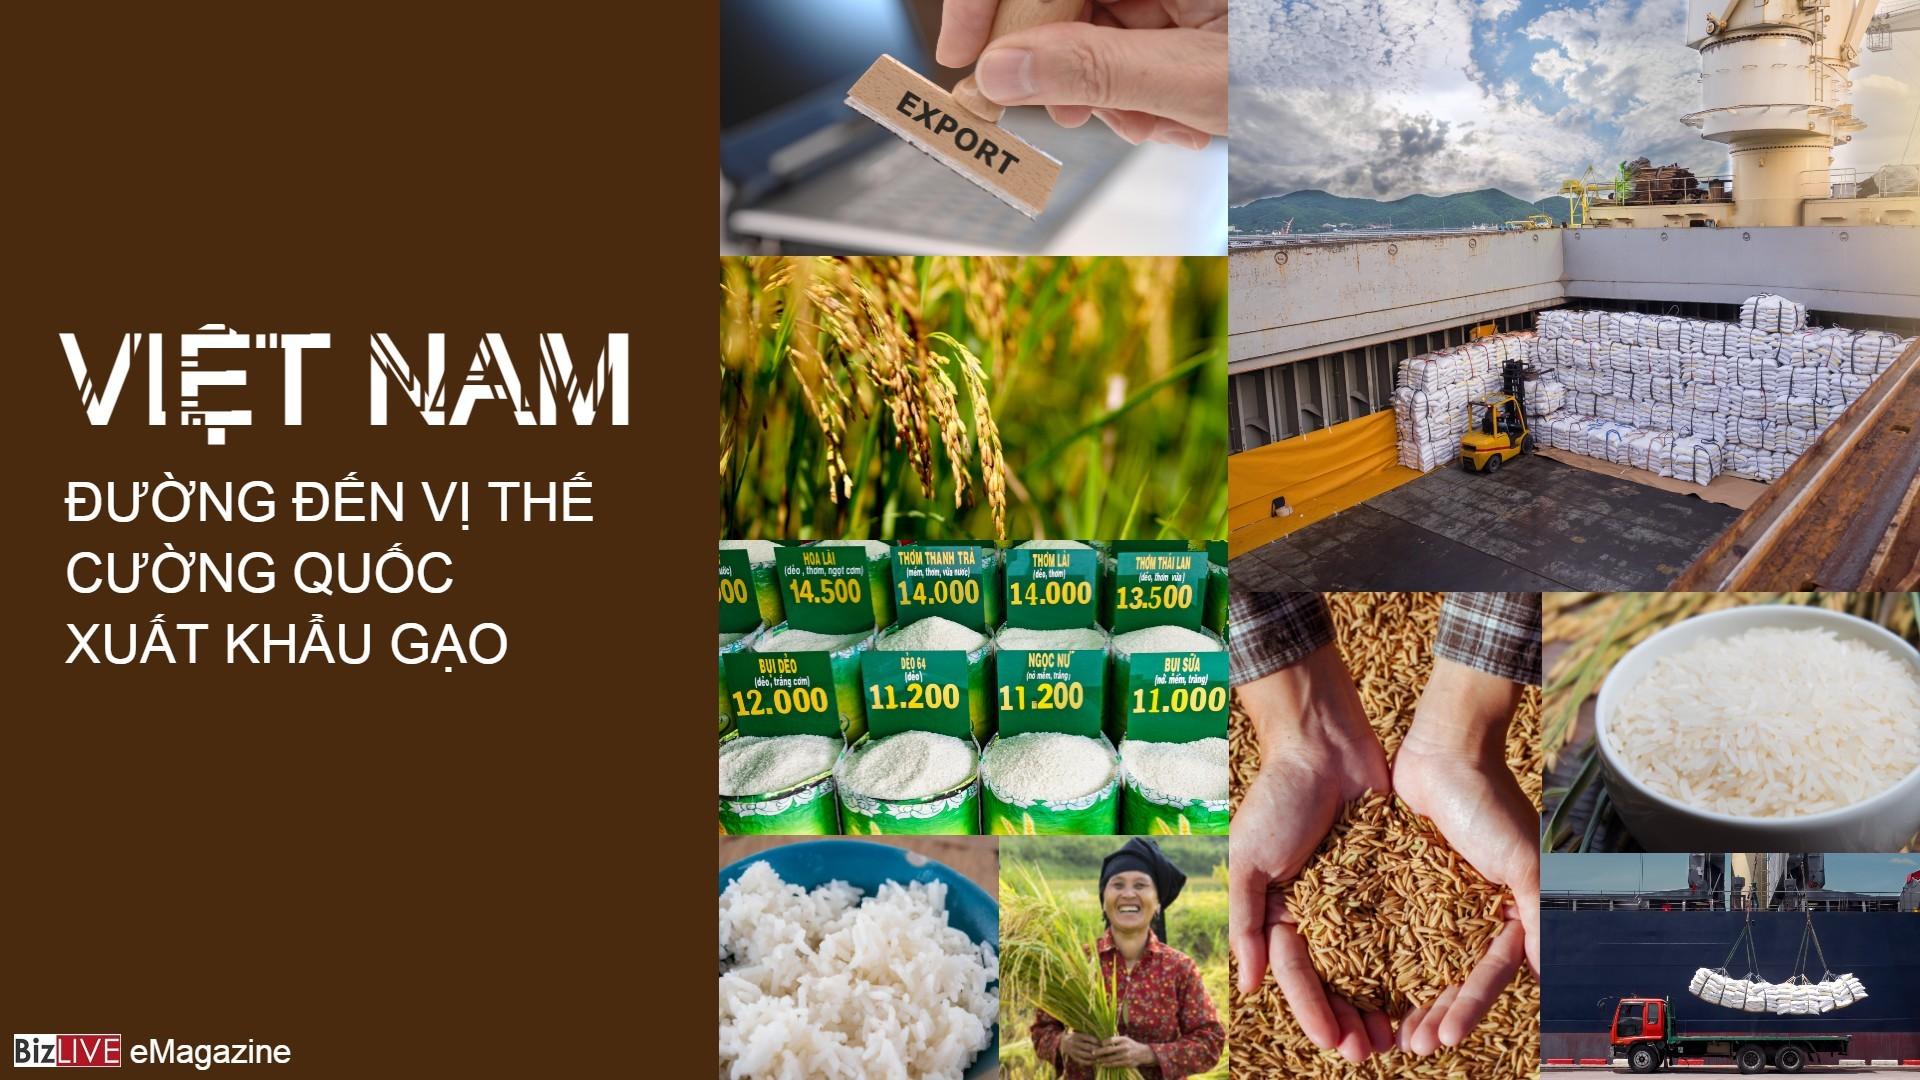 Việt Nam - Đường đến vị thế cường quốc xuất khẩu gạo